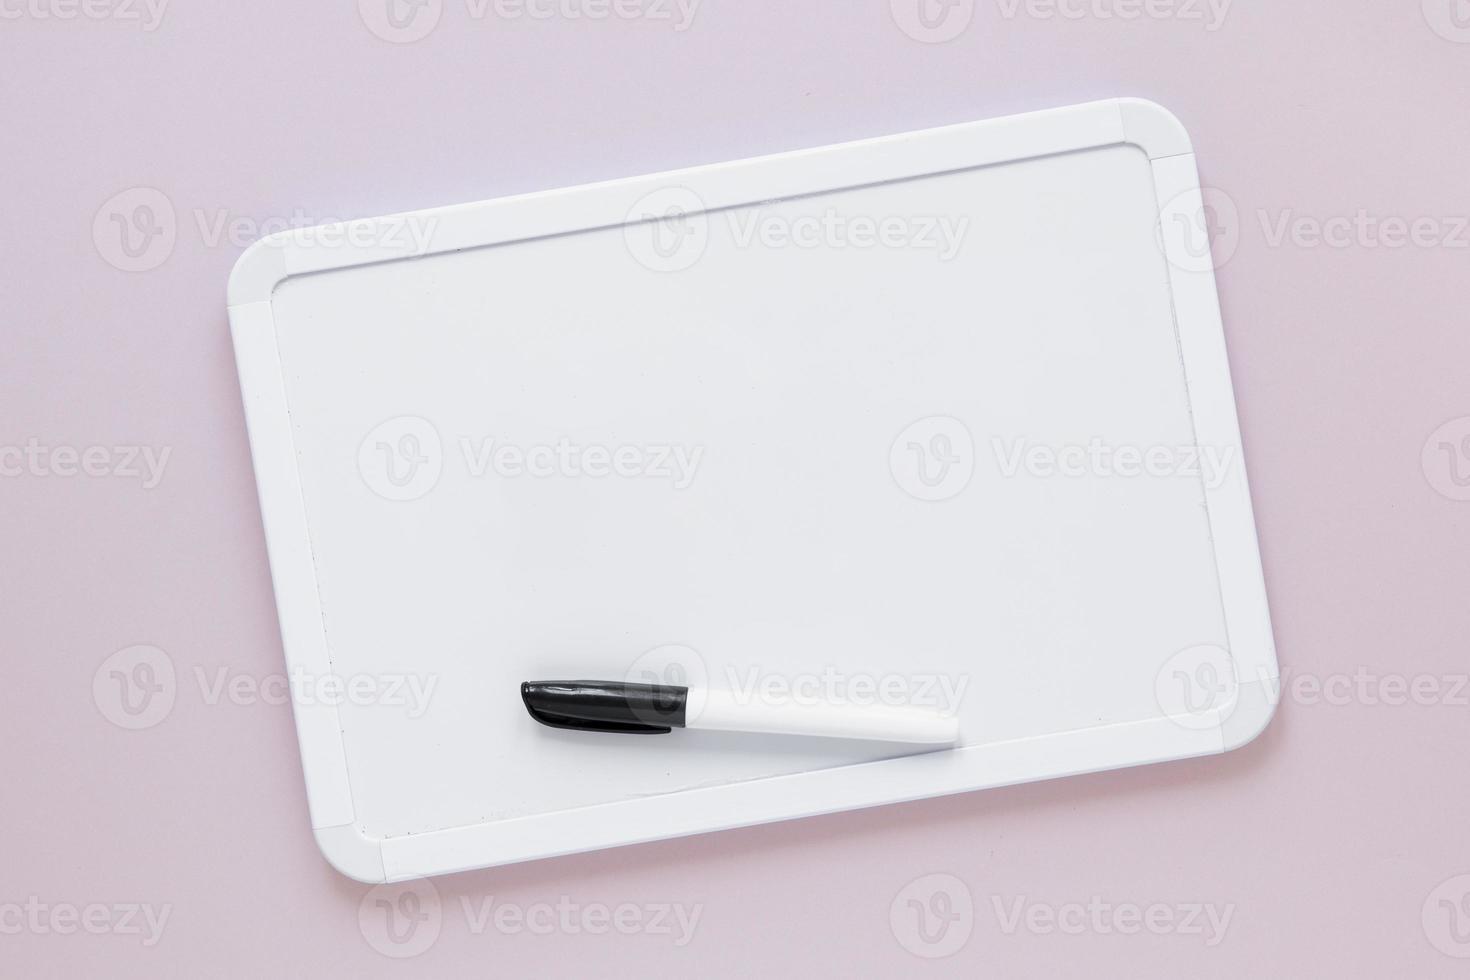 platt låg whiteboard med markeringstopp på ljusrosa bakgrund foto